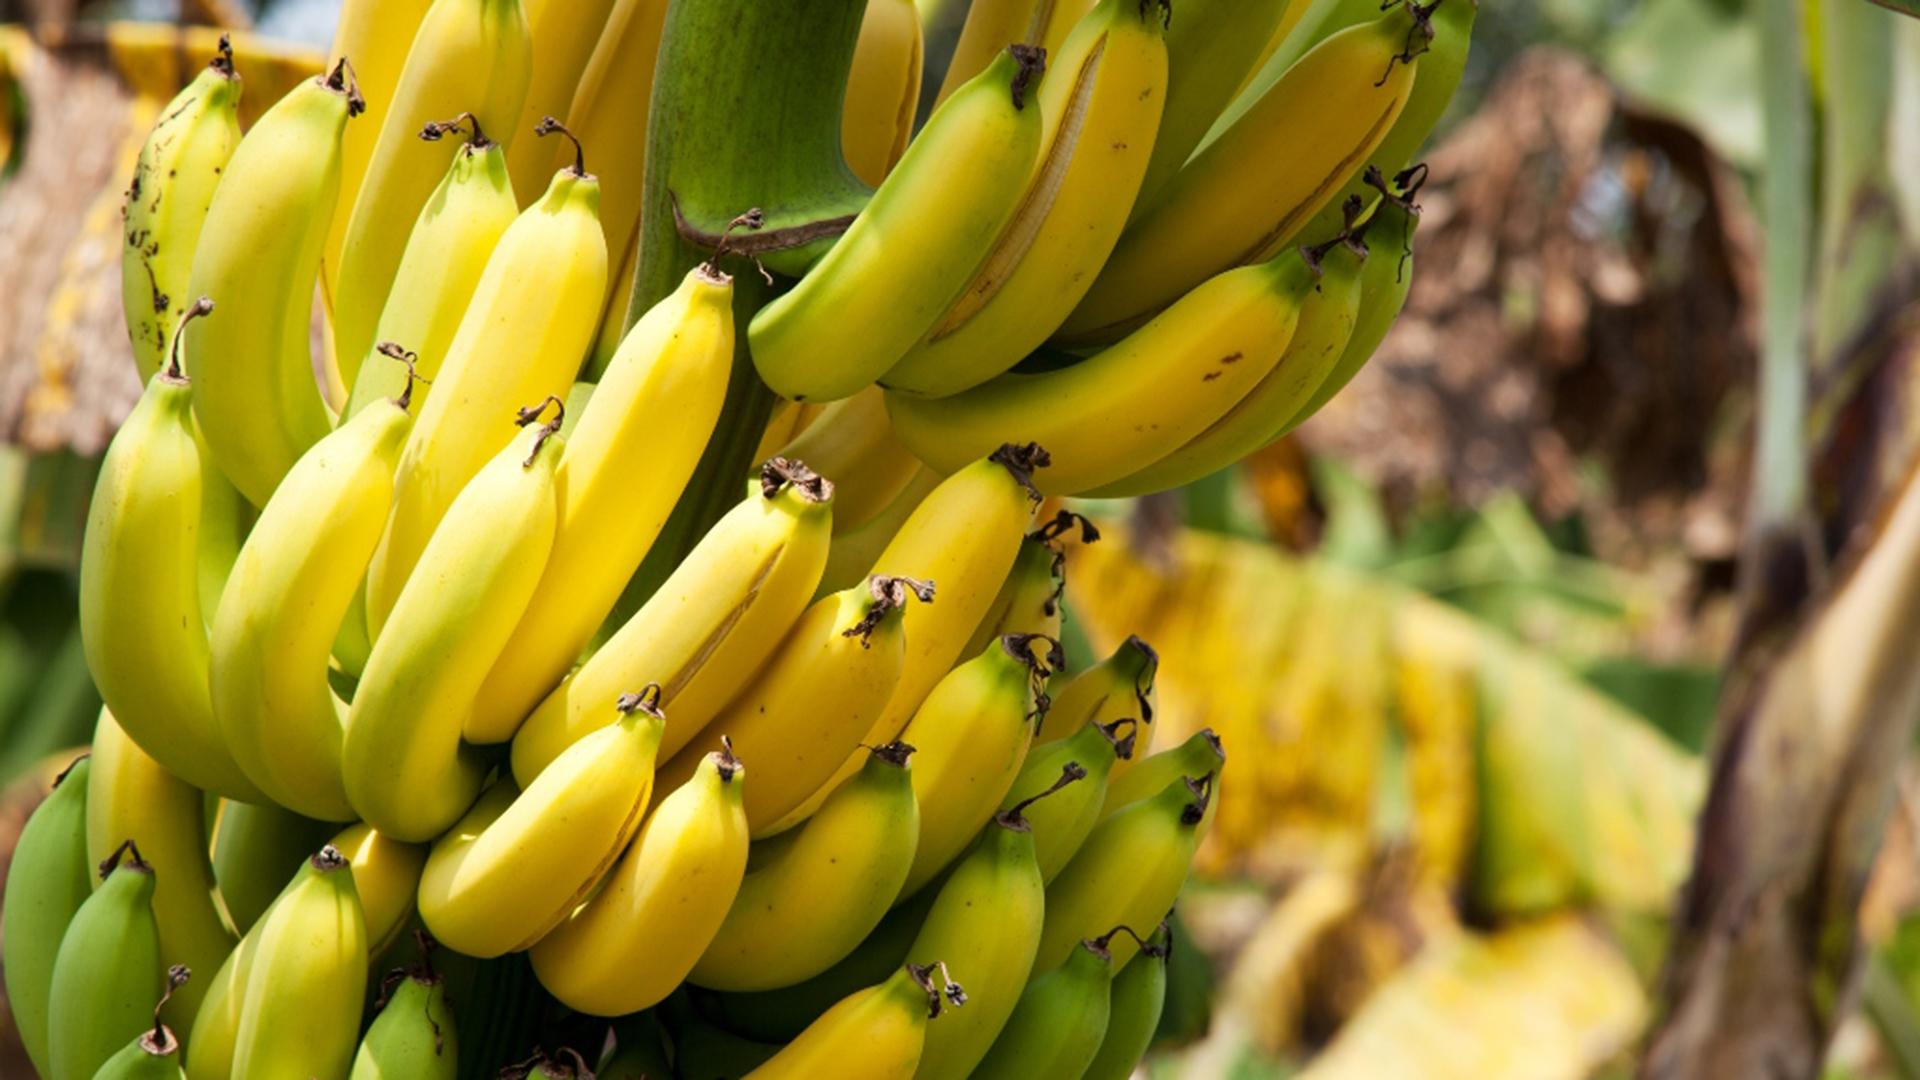 Prächtig Wo unsere Bananen, Mangos und Ananas ihren Ursprung haben - ALDI @HB_82